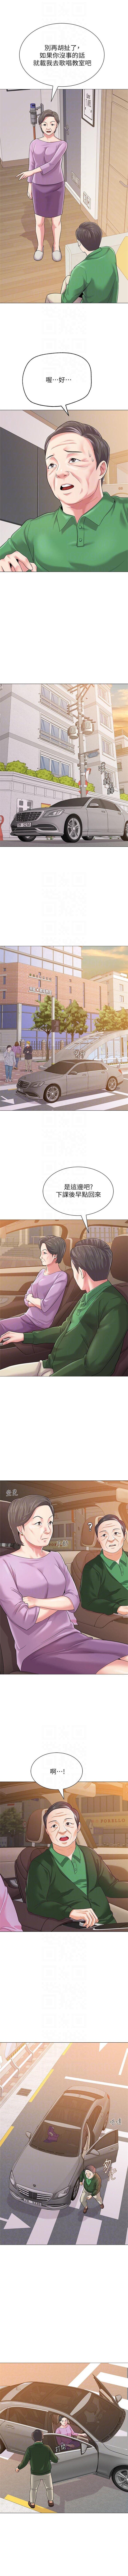 (周3)老师 1-56 中文翻译(更新中) 207